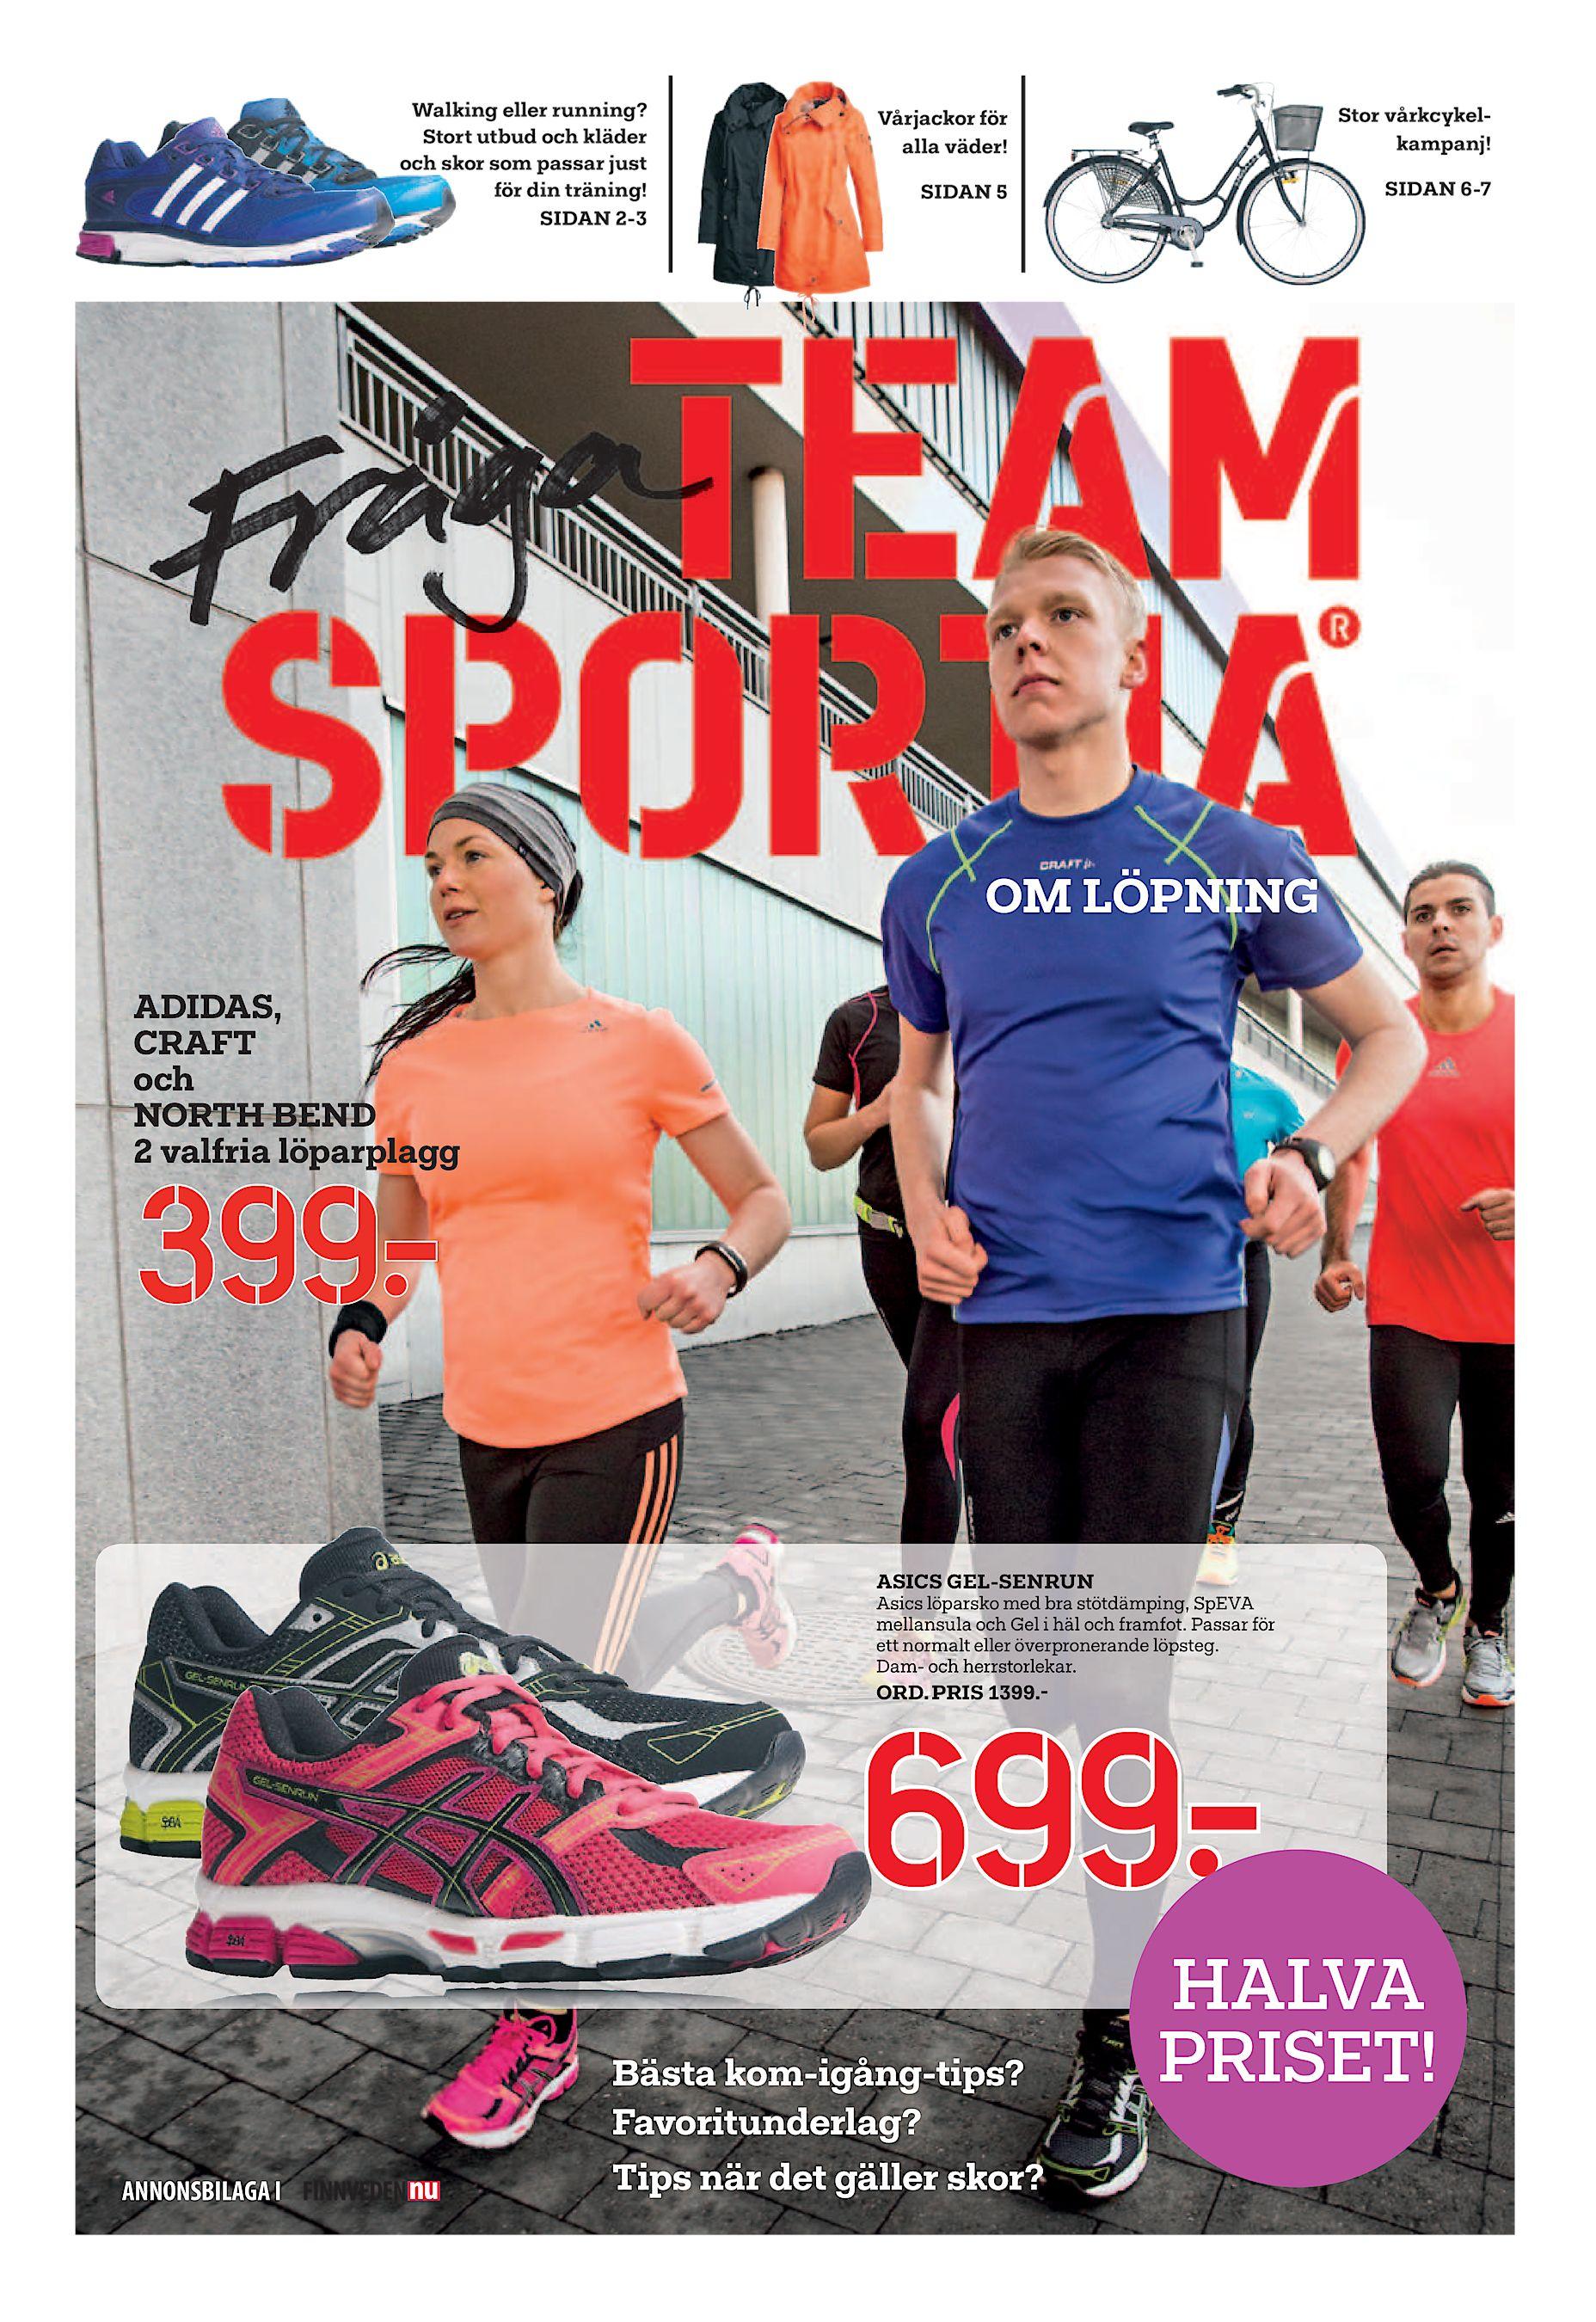 detailed look 643d3 e5c86 Stort utbud och kläder och skor som passar just för din träning! SIDAN 2-3  Vårjackor för alla väder! Stor vårkcykelkampanj! SIDAN 5 SIDAN 6-7 OM  LÖPNING ...